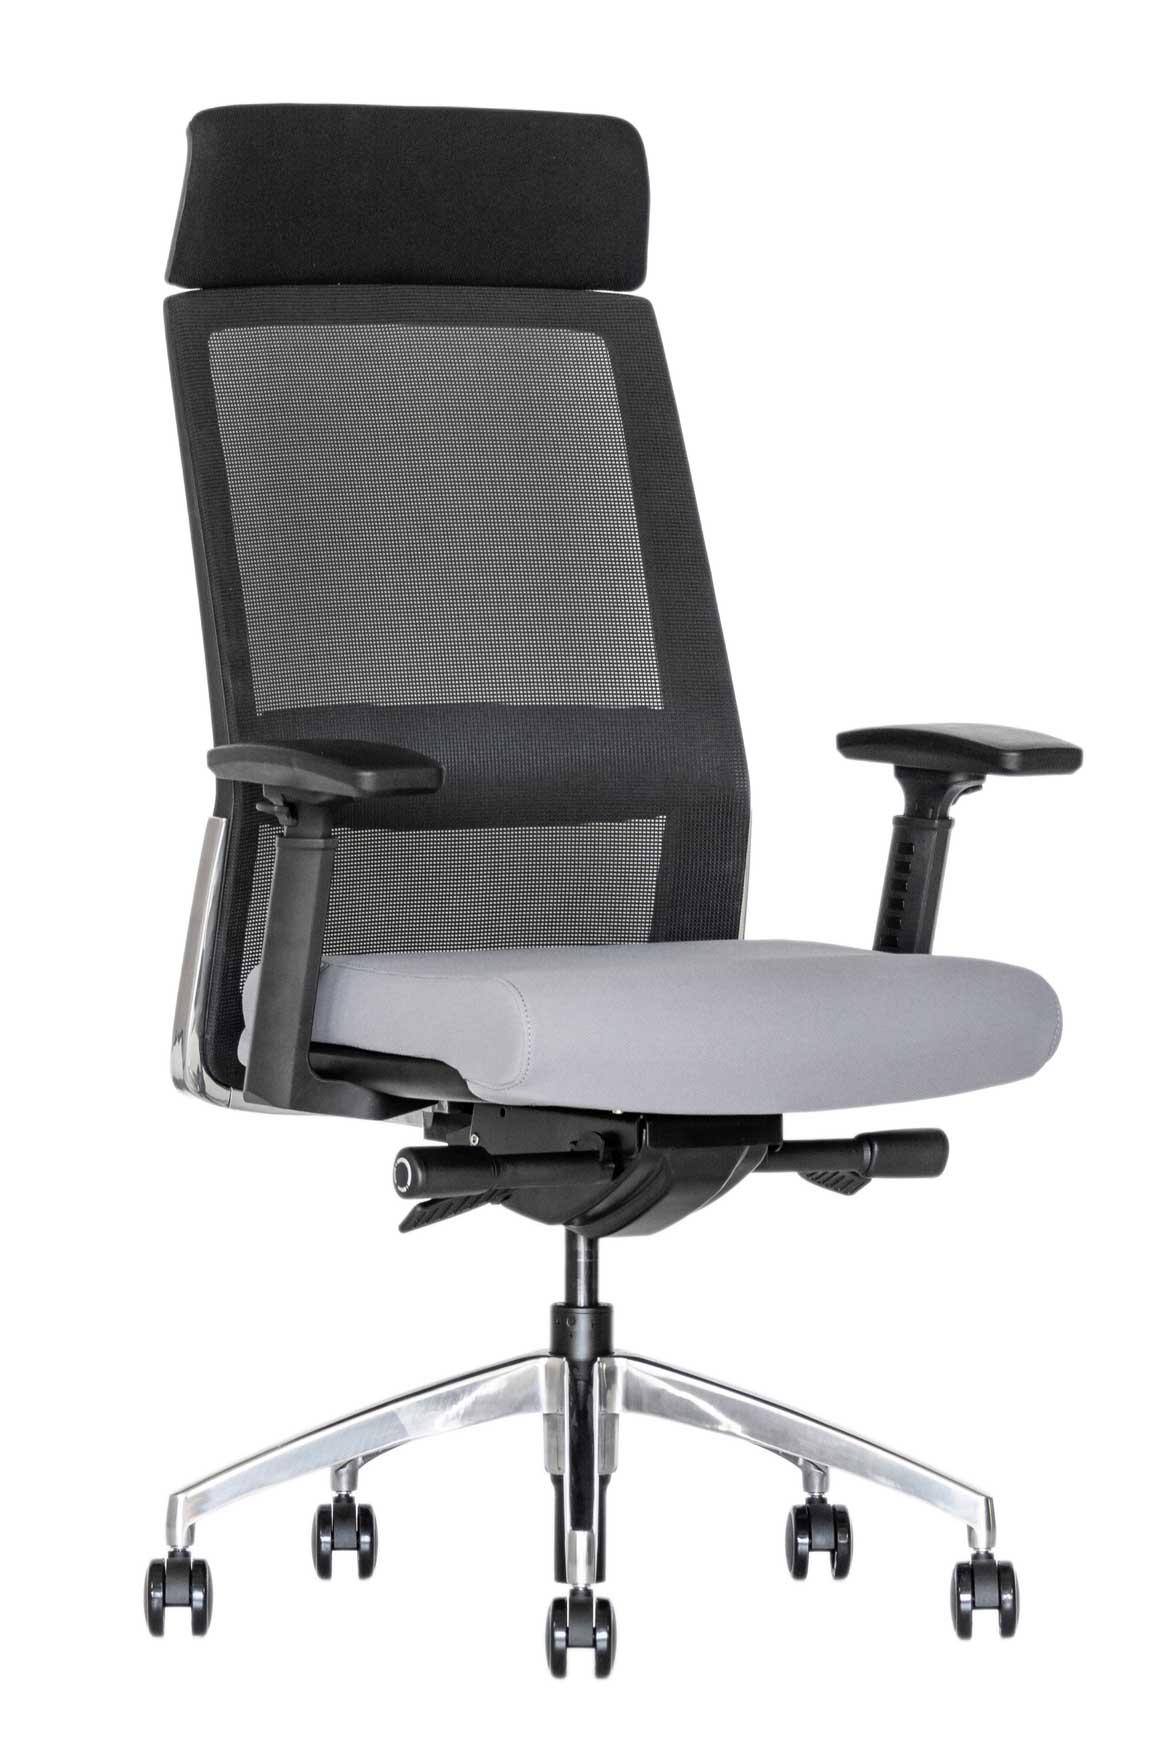 Ergonominė kėdė Marstrand HB su fiksuota atrama galvai